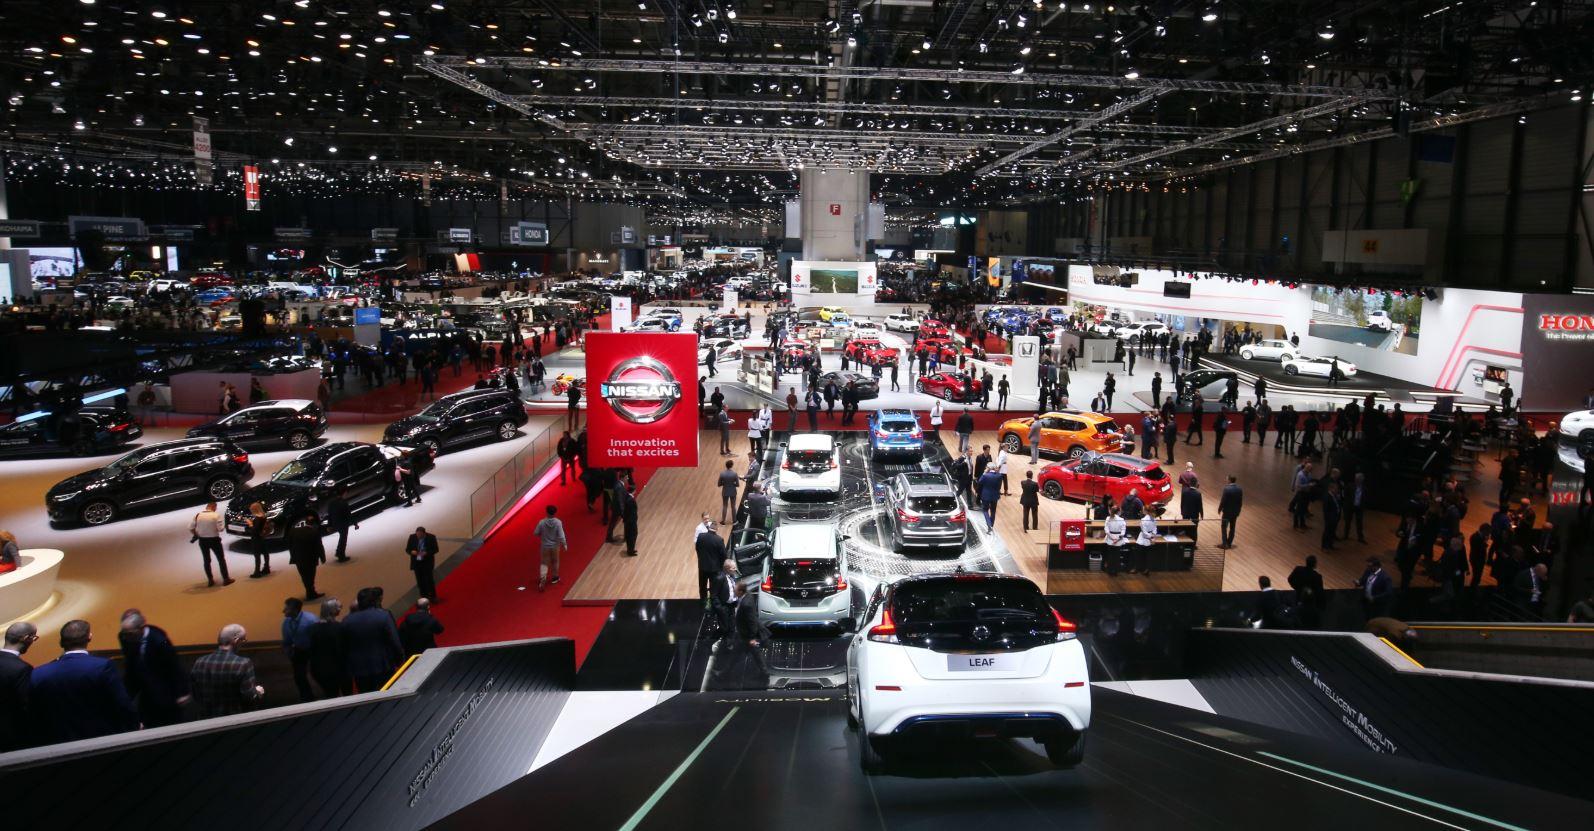 Adiós al Salón del Automóvil de Ginebra 2022